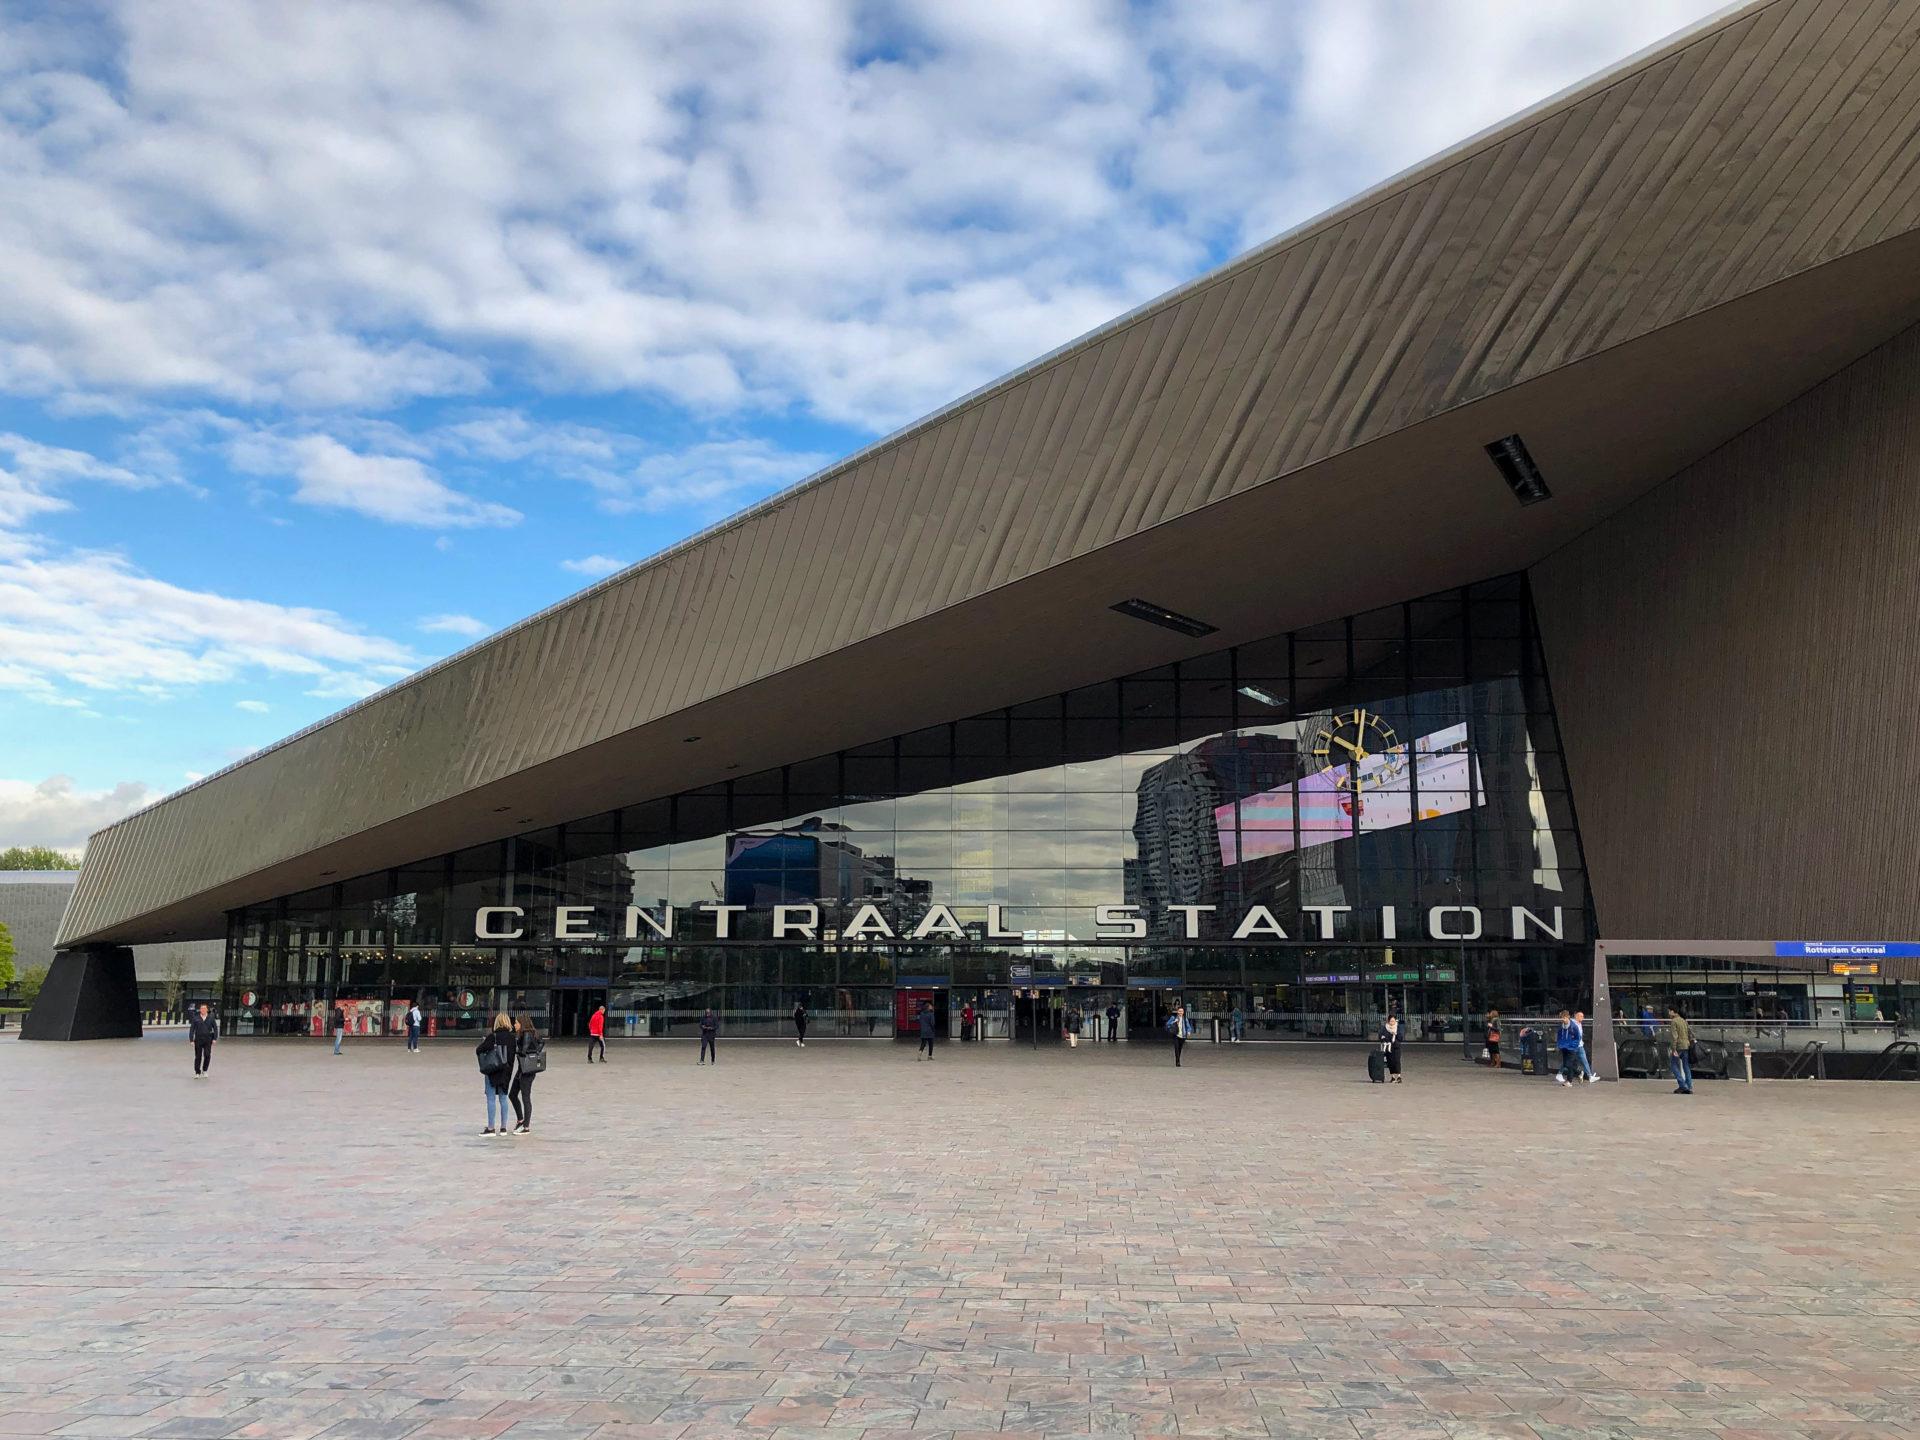 Der neue Bahnhof Centraal Station in Rotterdam